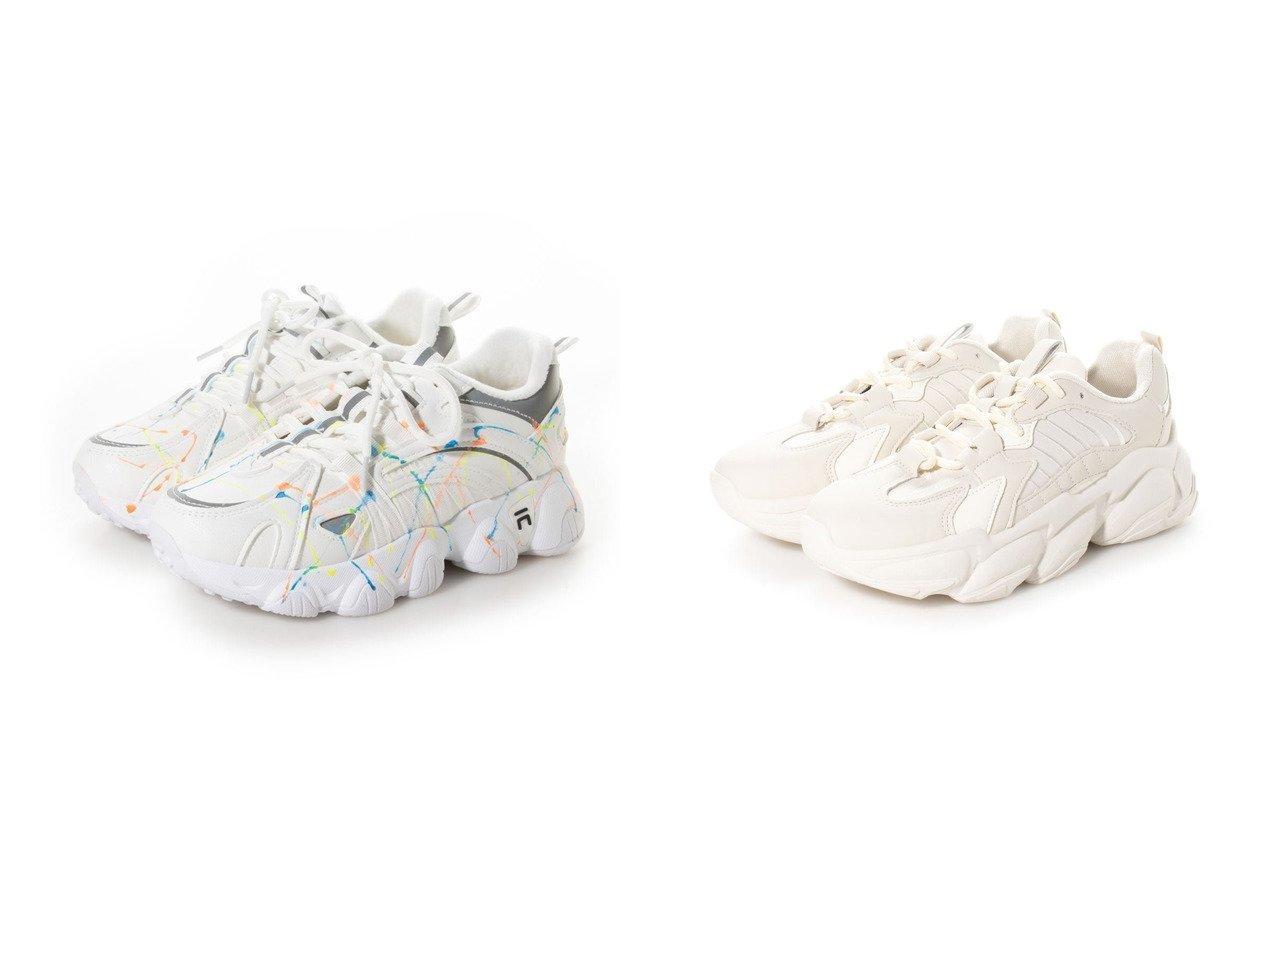 【SVEC/シュベック】の厚底ダッドスニーカー&ダッドスニーカー シューズ・靴のおすすめ!人気、トレンド・レディースファッションの通販  おすすめで人気の流行・トレンド、ファッションの通販商品 メンズファッション・キッズファッション・インテリア・家具・レディースファッション・服の通販 founy(ファニー) https://founy.com/ ファッション Fashion レディースファッション WOMEN スニーカー デニム バランス ミリタリー 厚底 |ID:crp329100000019299